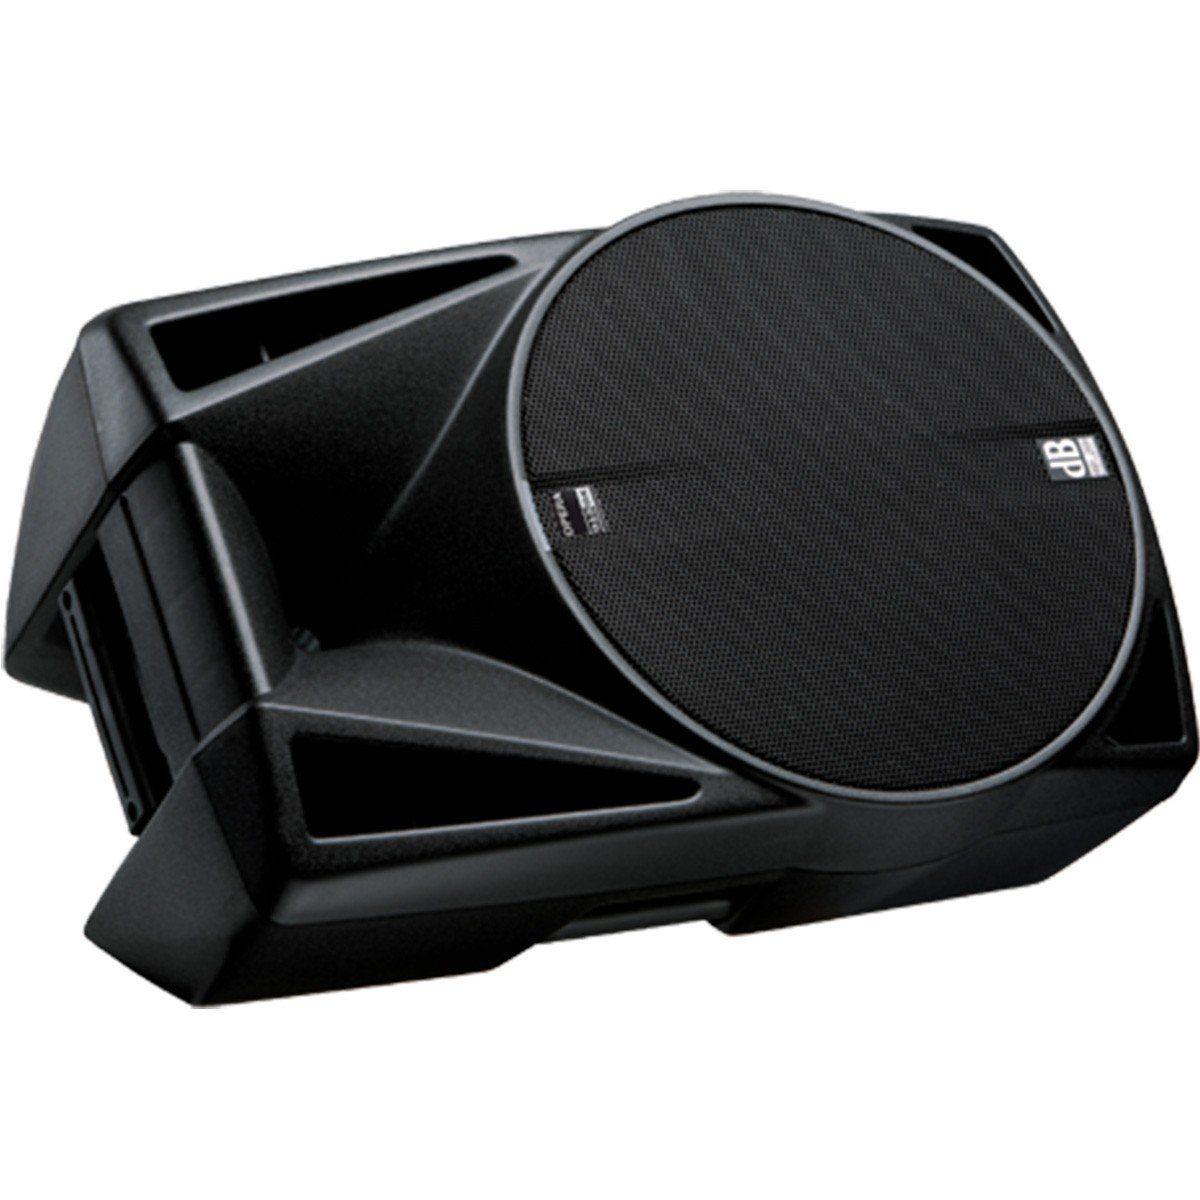 dB Technologies Opera 915DX Caixa de Som 915-DX Acústica Ativa 900W para Música